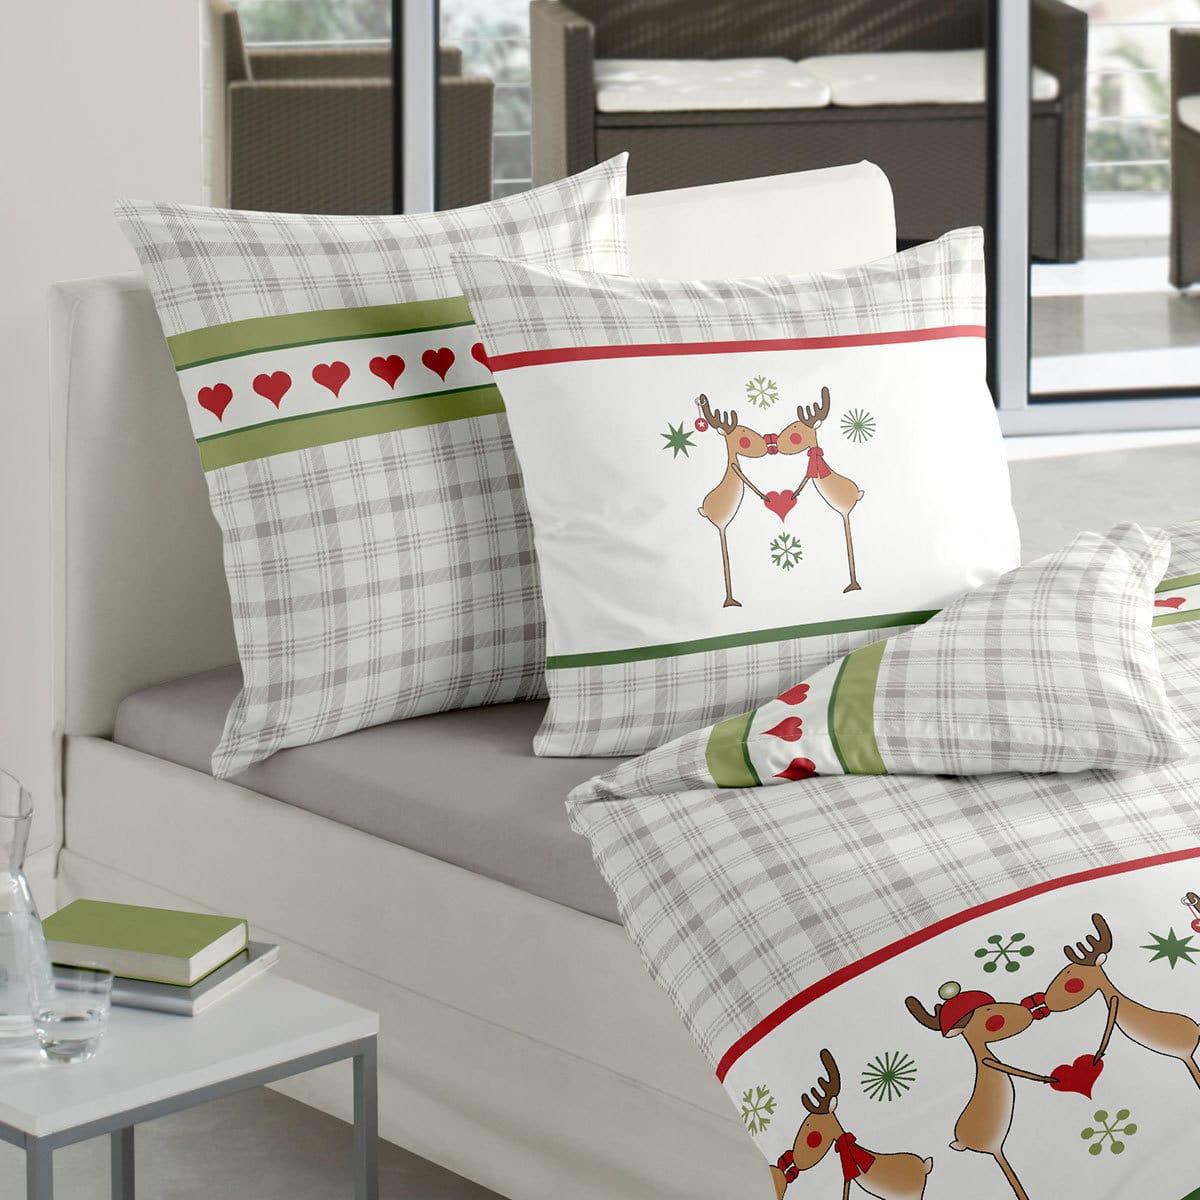 traumschlaf biber bettw sche rentiere gr n g nstig online kaufen bei bettwaren shop. Black Bedroom Furniture Sets. Home Design Ideas